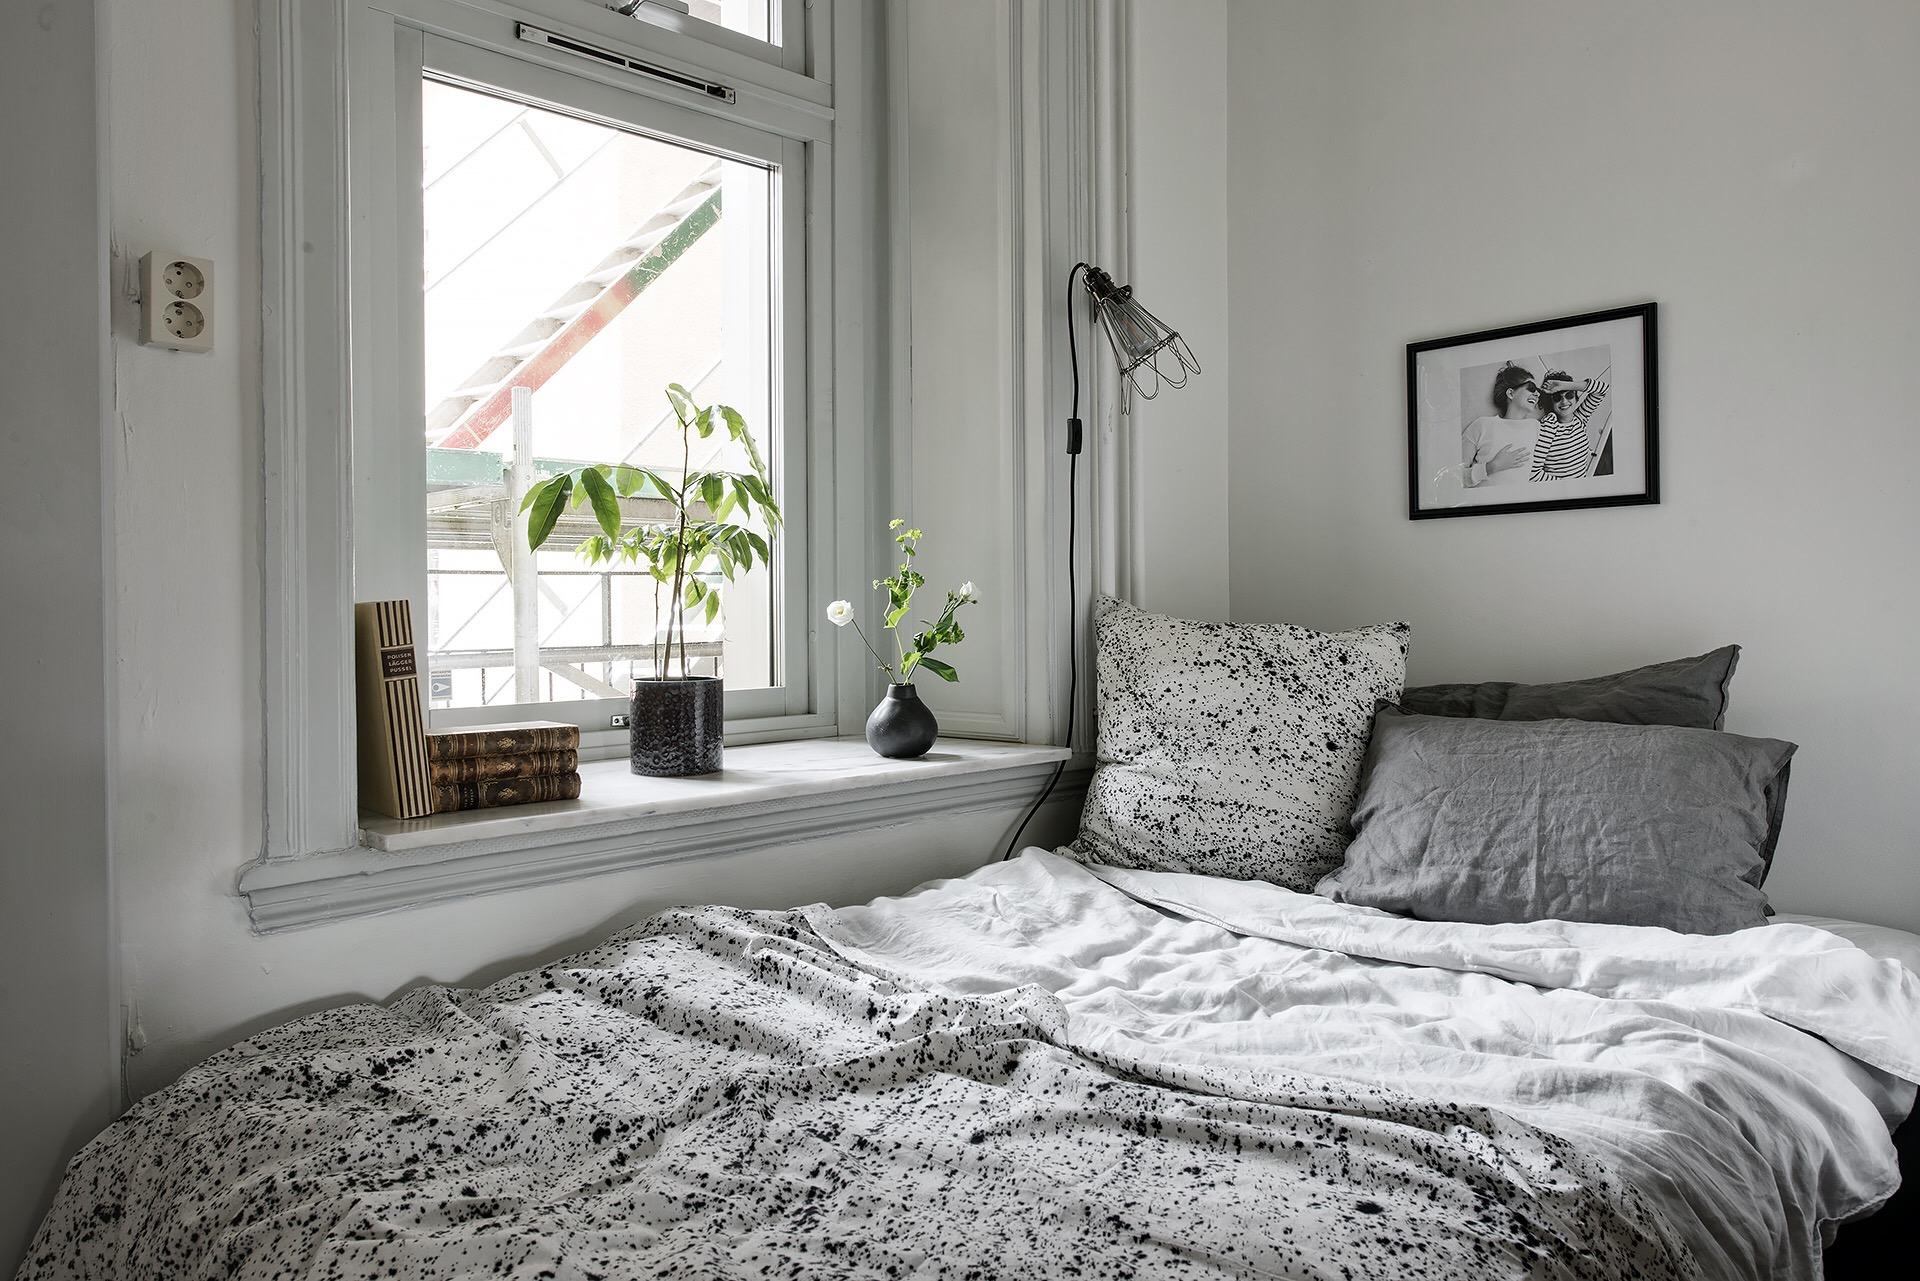 детская комната кровать окно подоконник наличник откосы